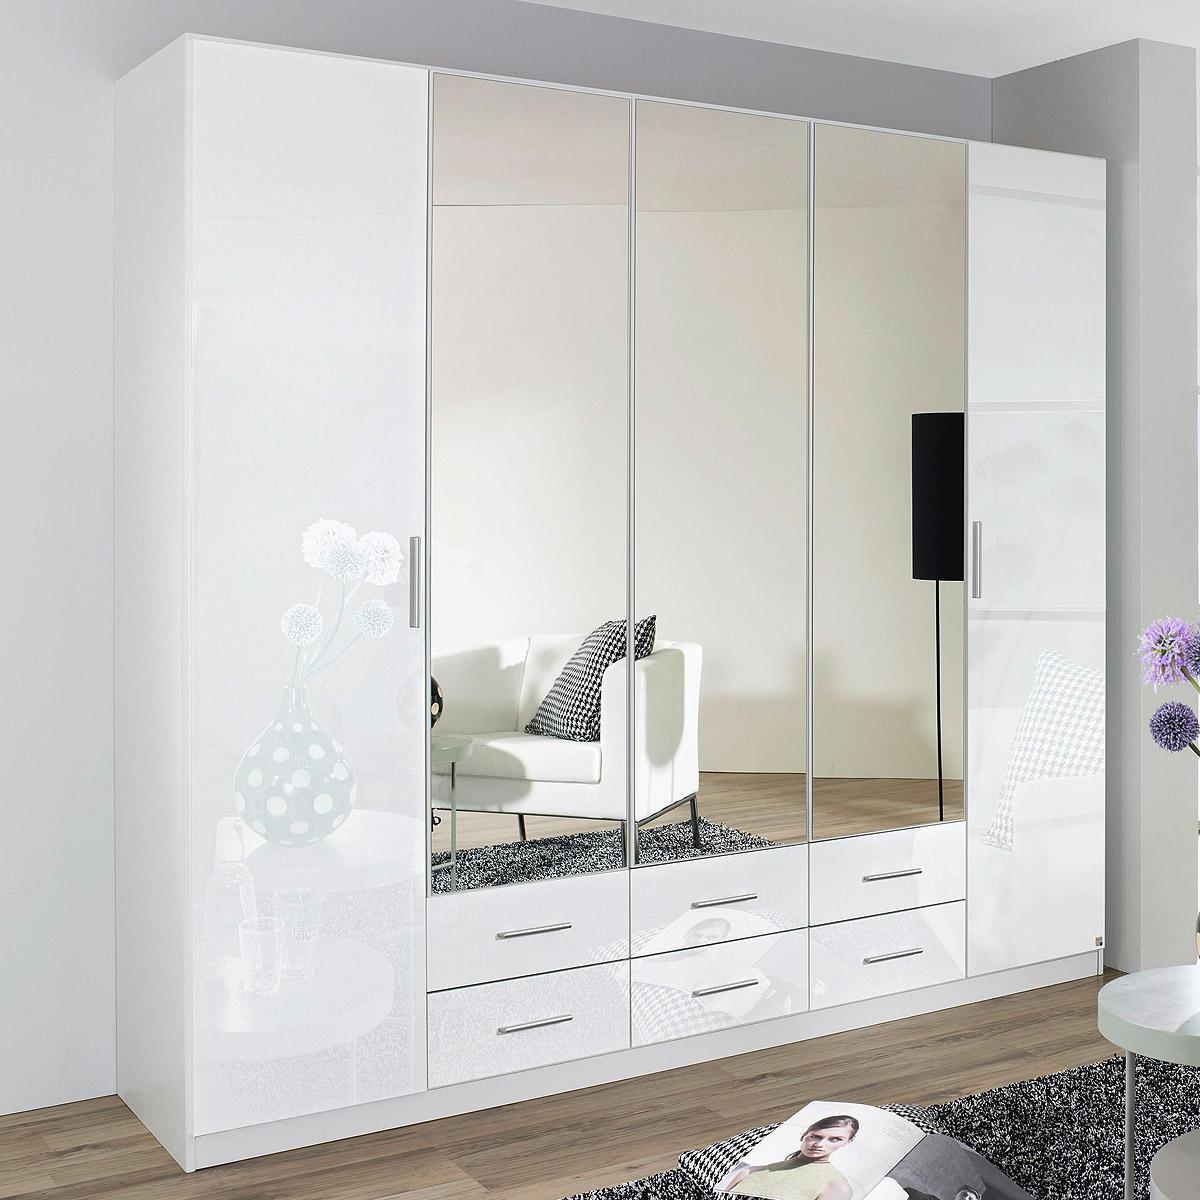 kleiderschrank schlafzimmer schlafzimmer kleiderschrank bosays mit faltt ren kleiderschrank. Black Bedroom Furniture Sets. Home Design Ideas